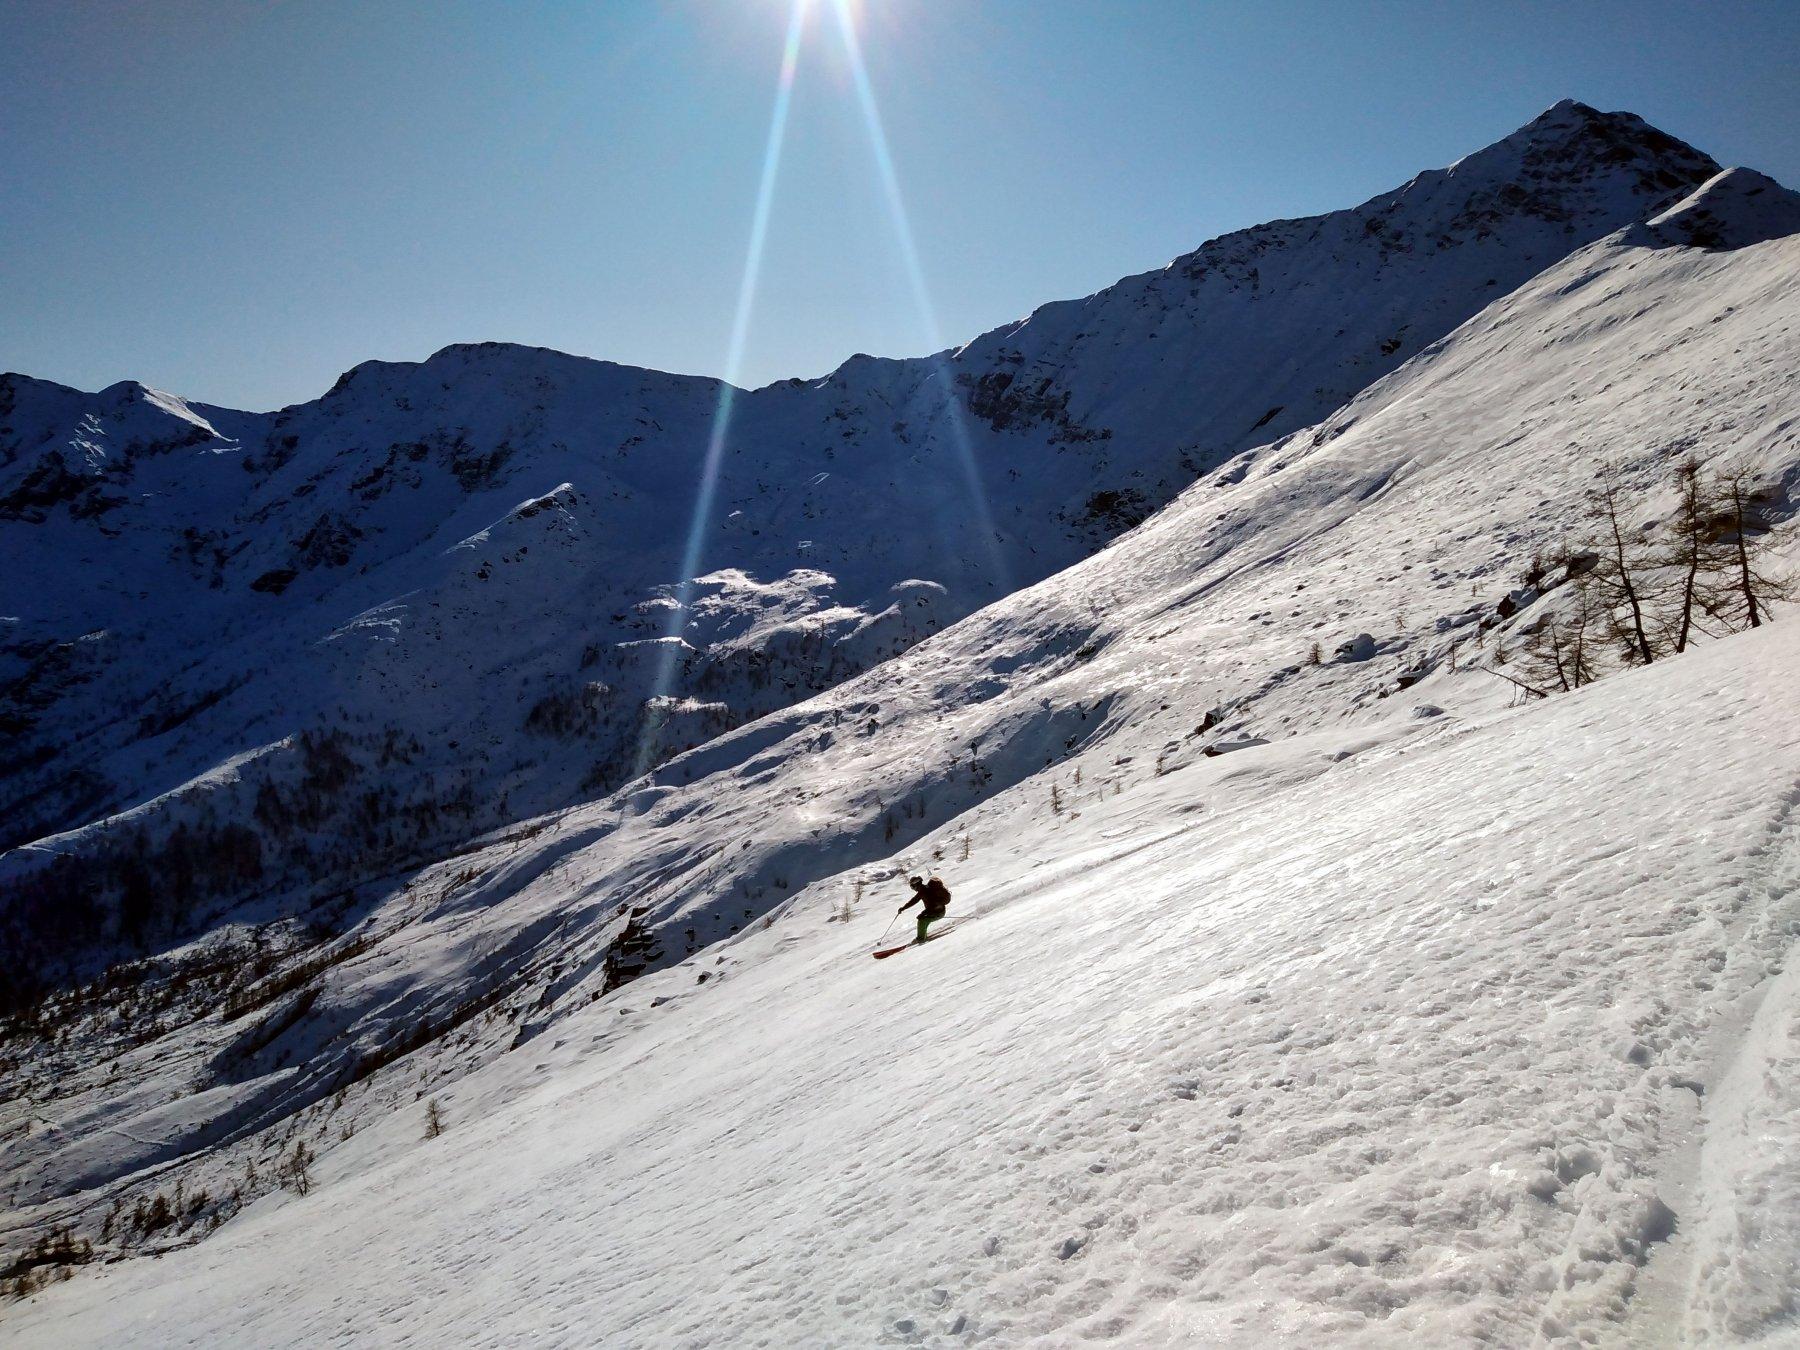 dopo il lungo traverso troviamo finalmente neve buona da sciare